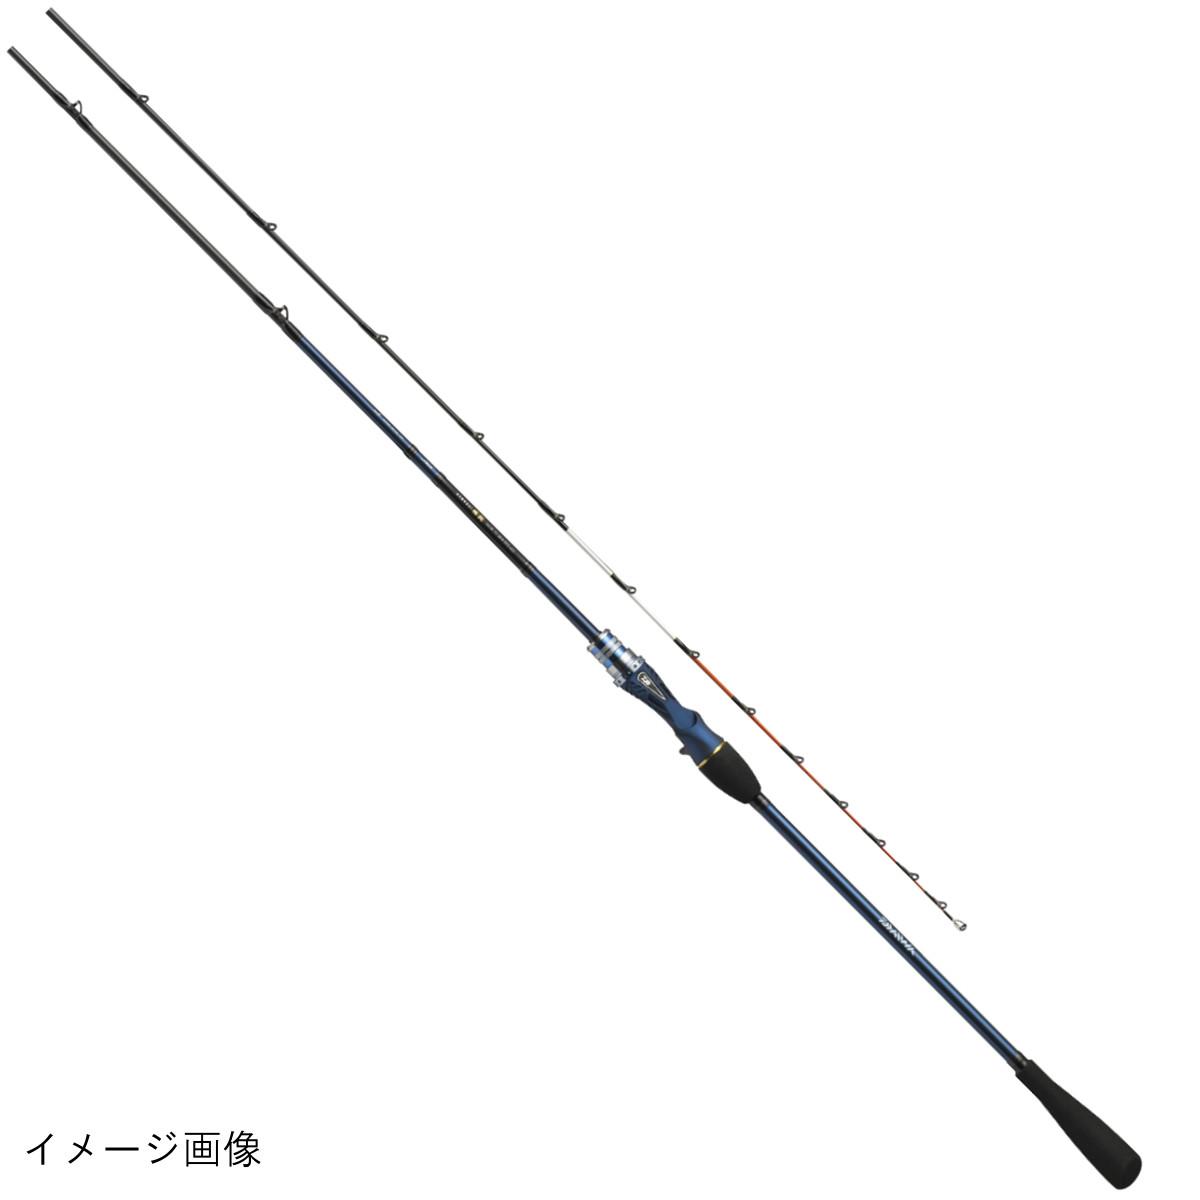 ダイワ 極鋭ゲーム 73 M-193 AGS【大型商品】【送料無料】